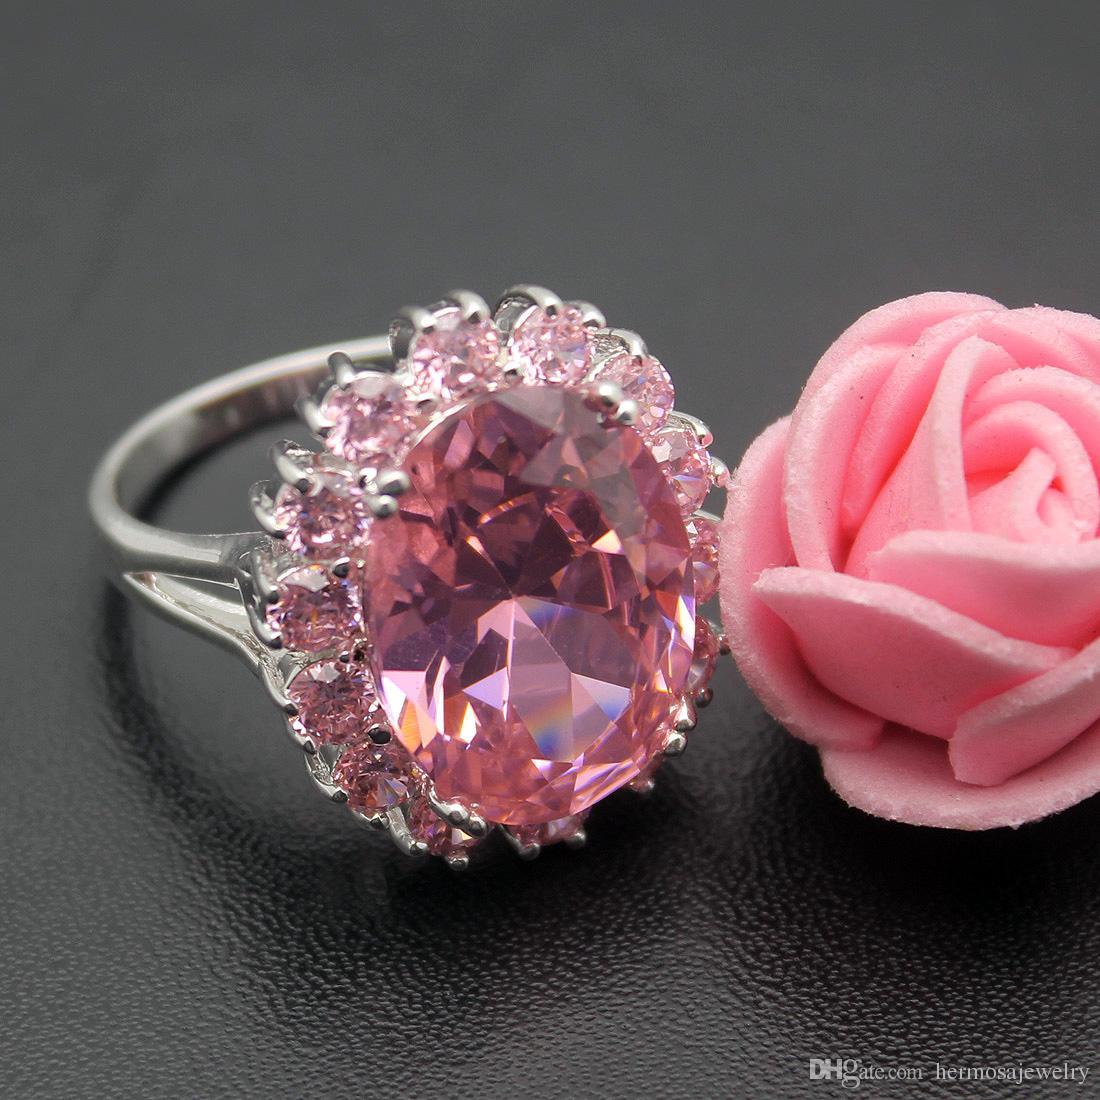 زفاف باند الطوق 925 فضة الزفاف الوردي توباز كونزيتي الأحجار الكريمة كريستال البريق الجملة الحرة الشحن الدائري الحجم 7 8 9